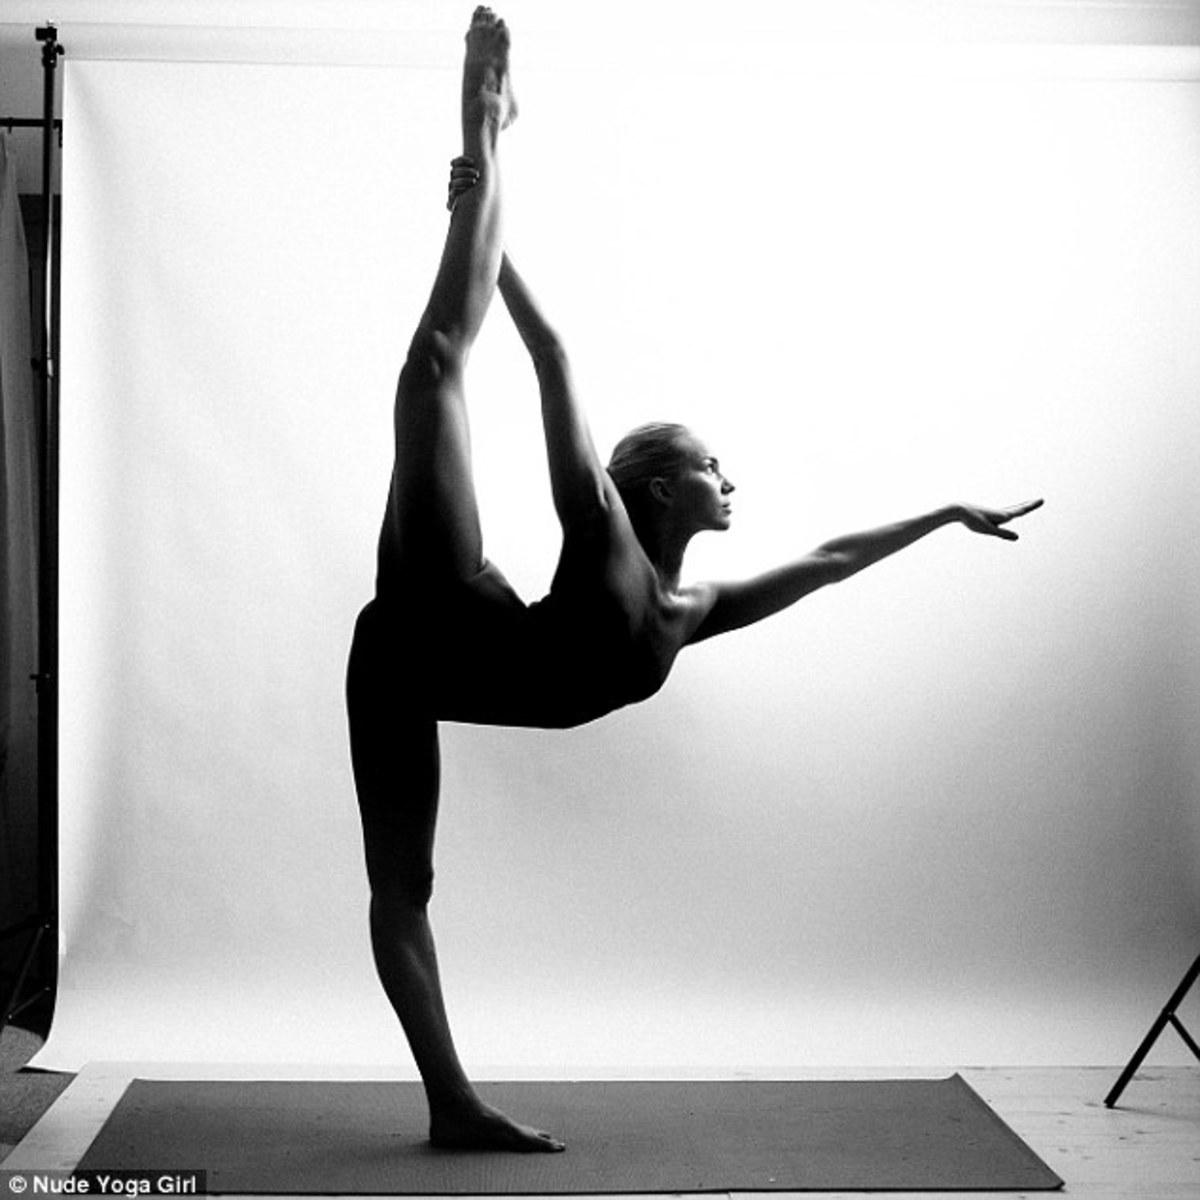 ude Yoga Girl